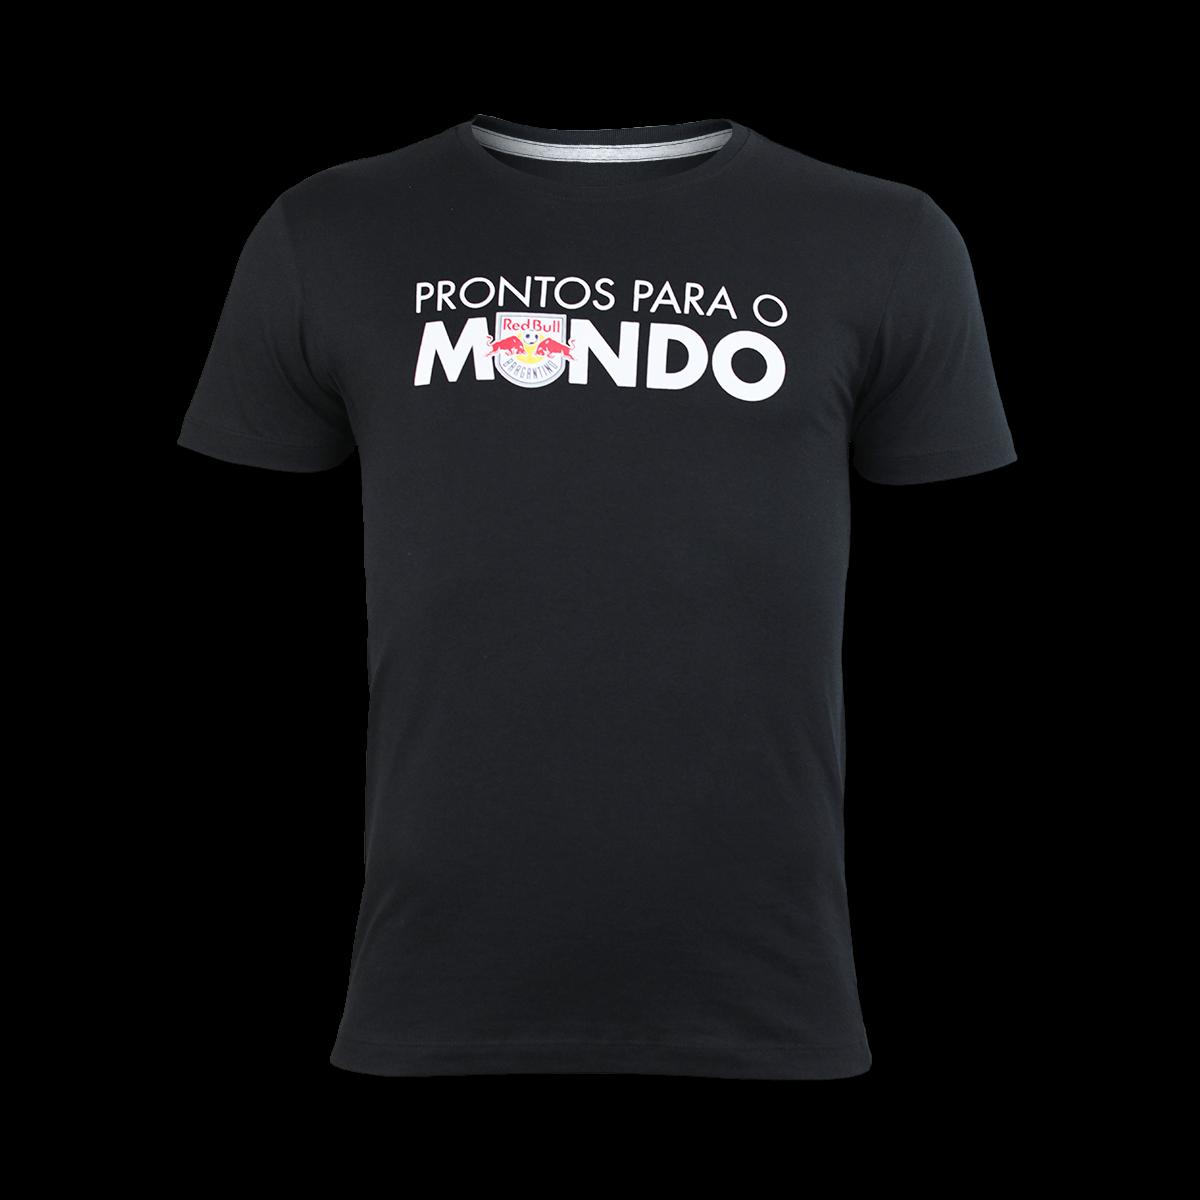 Camiseta Sportwear Prontos Para O Mundo